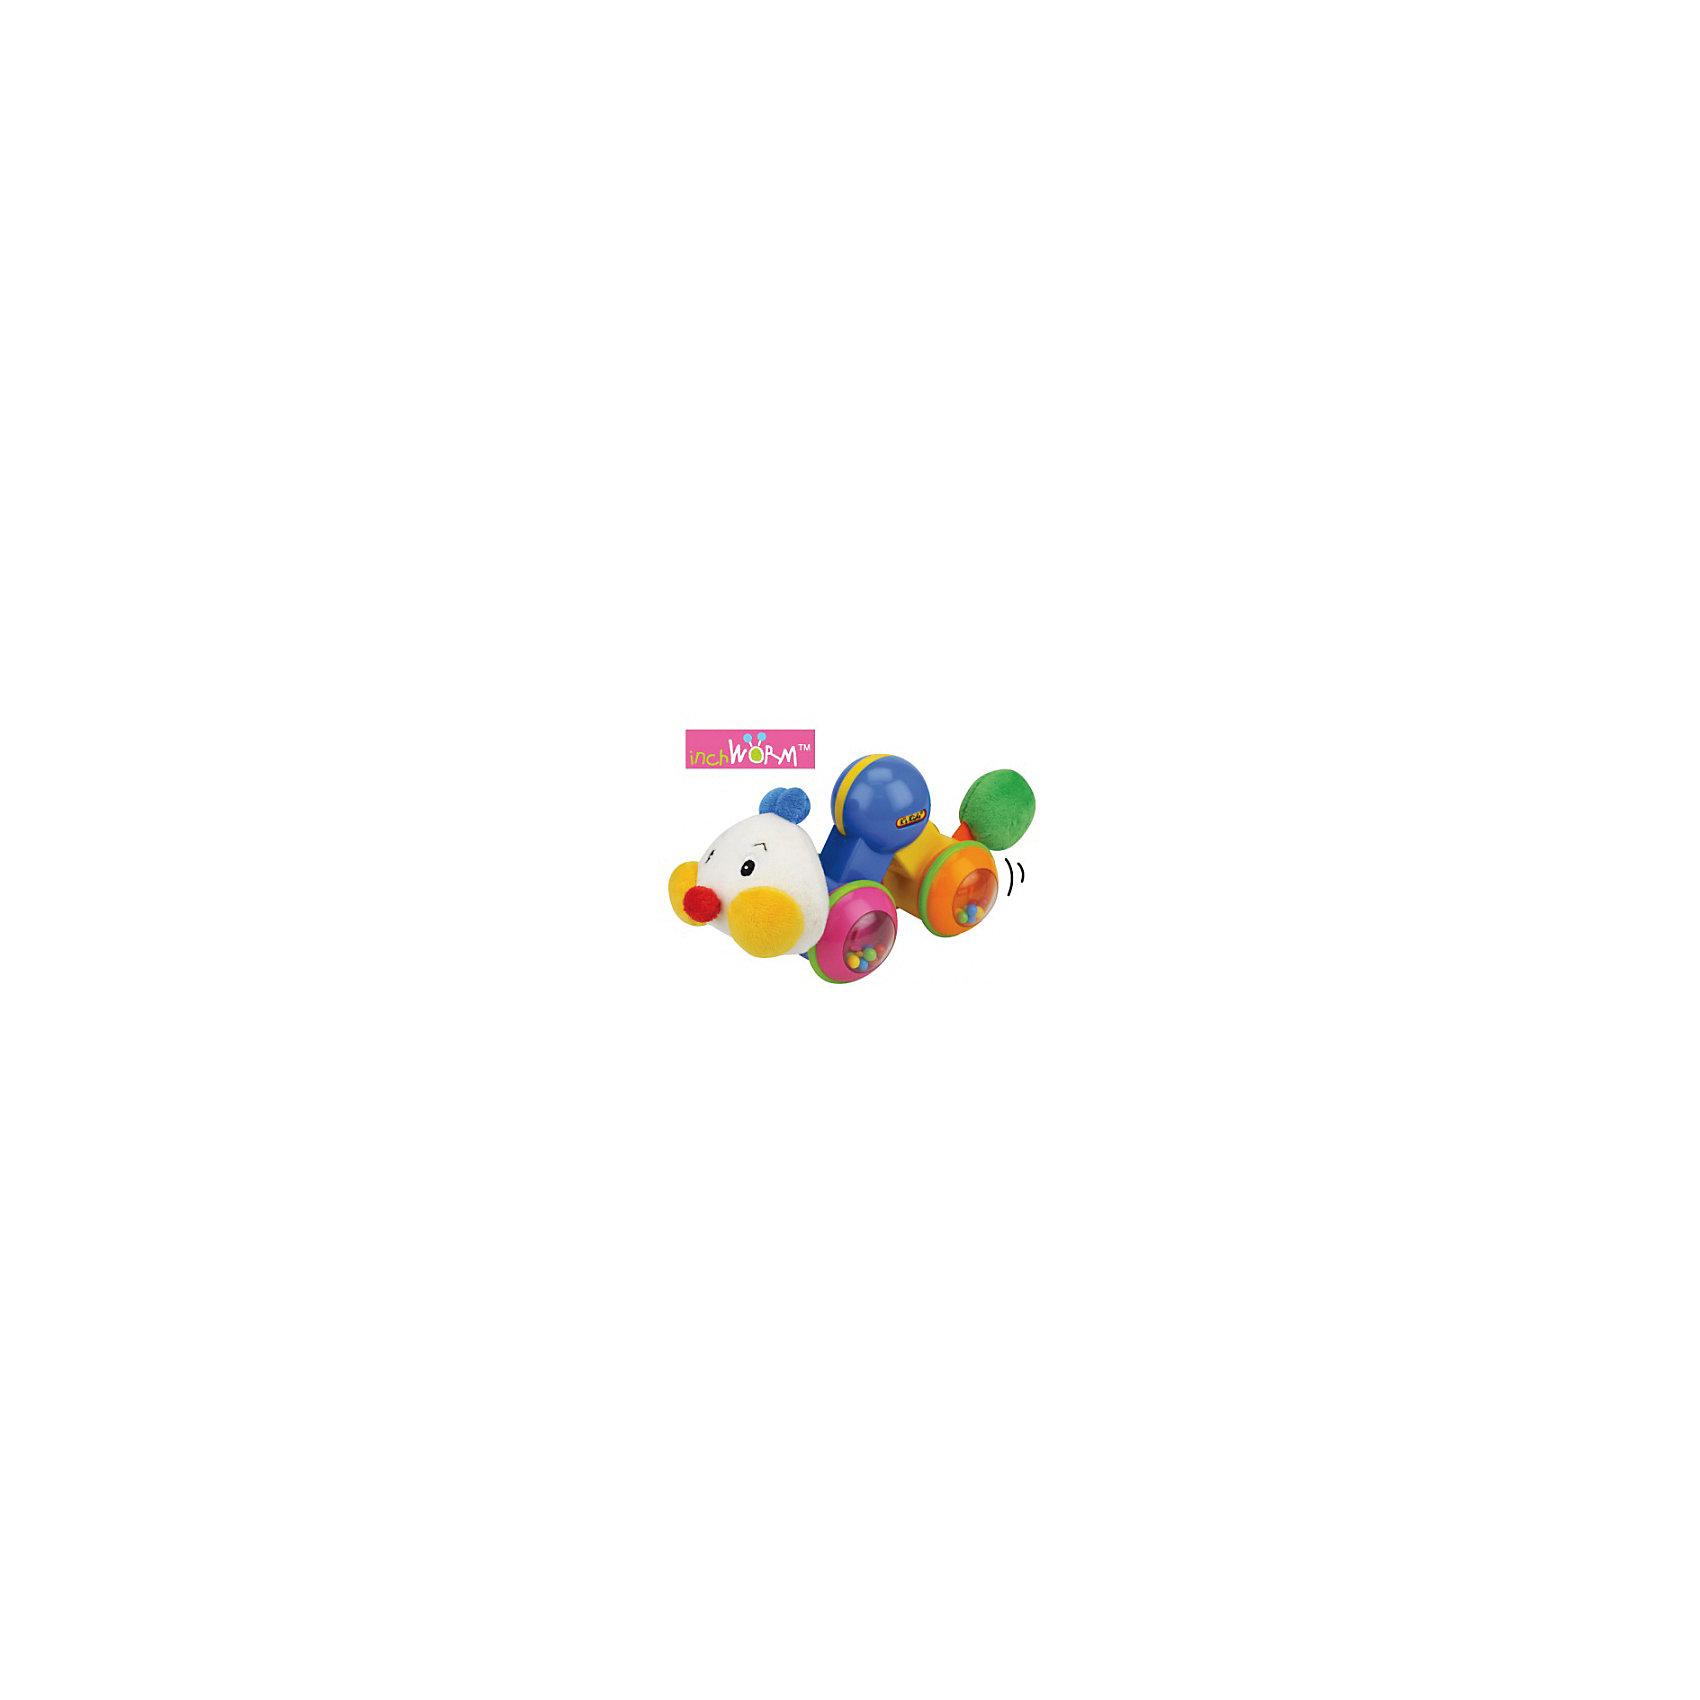 Развивающая игрушка Гусеничка: нажми и догони, Ks KidsРазвивающая игрушка Гусеничка: нажми и догони, Ks Kids ? игрушка, которая будет стимулировать вашего малыша к ползанию. Гусеничка состоит из подвижных отдельных модулей, которые в состоянии покоя находятся в собранном виде, при растягивании игрушка начинает двигаться, движение продолжается до тех пор, пока гусеница не соберется в исходное состояние. <br>Выполненная из яркого безопасного пластика Гусеничка: нажми и догони, Ks Kids подарит вашему малышу веселое времяпрепровождение: с ней можно играть не только в догонялки. У игрушки есть много развивающих элементов: пищалка в хвостике, вращение головки сопровождается треском, а колеса-модули наполнены разноцветными шариками, которые ударяясь друг о друга  при движении издают звук.<br>Развивающая игрушка Гусеничка: нажми и догони, Ks Kids предназначена для развития общего физического развития, мелкой моторики, координации движений и закрепления навыков ползания.<br><br>Дополнительная информация:<br><br>- Вид игр: подвижные и развивающие игры<br>- Предназначение: для дома, для улицы<br>- Материал: текстиль, пластик<br>- Размер: 22*8*11 см<br>- Вес: 400 г<br>- Комплектация: съемный комбинезон и ботиночки<br>- Особенности ухода: ручная стирка или машинная на режиме деликатной стирки <br><br>Подробнее:<br><br>• Для детей в возрасте: от 0 месяцев до 1 года<br>• Страна производитель: Китай<br>• Торговый бренд: Ks Kids (Кс Кидс)<br><br>Развивающую игрушку Гусеничка: нажми и догони, Ks Kids (Кс Кидс) можно купить в нашем интернет-магазине.<br><br>Ширина мм: 190<br>Глубина мм: 85<br>Высота мм: 238<br>Вес г: 370<br>Возраст от месяцев: 0<br>Возраст до месяцев: 12<br>Пол: Унисекс<br>Возраст: Детский<br>SKU: 4790446